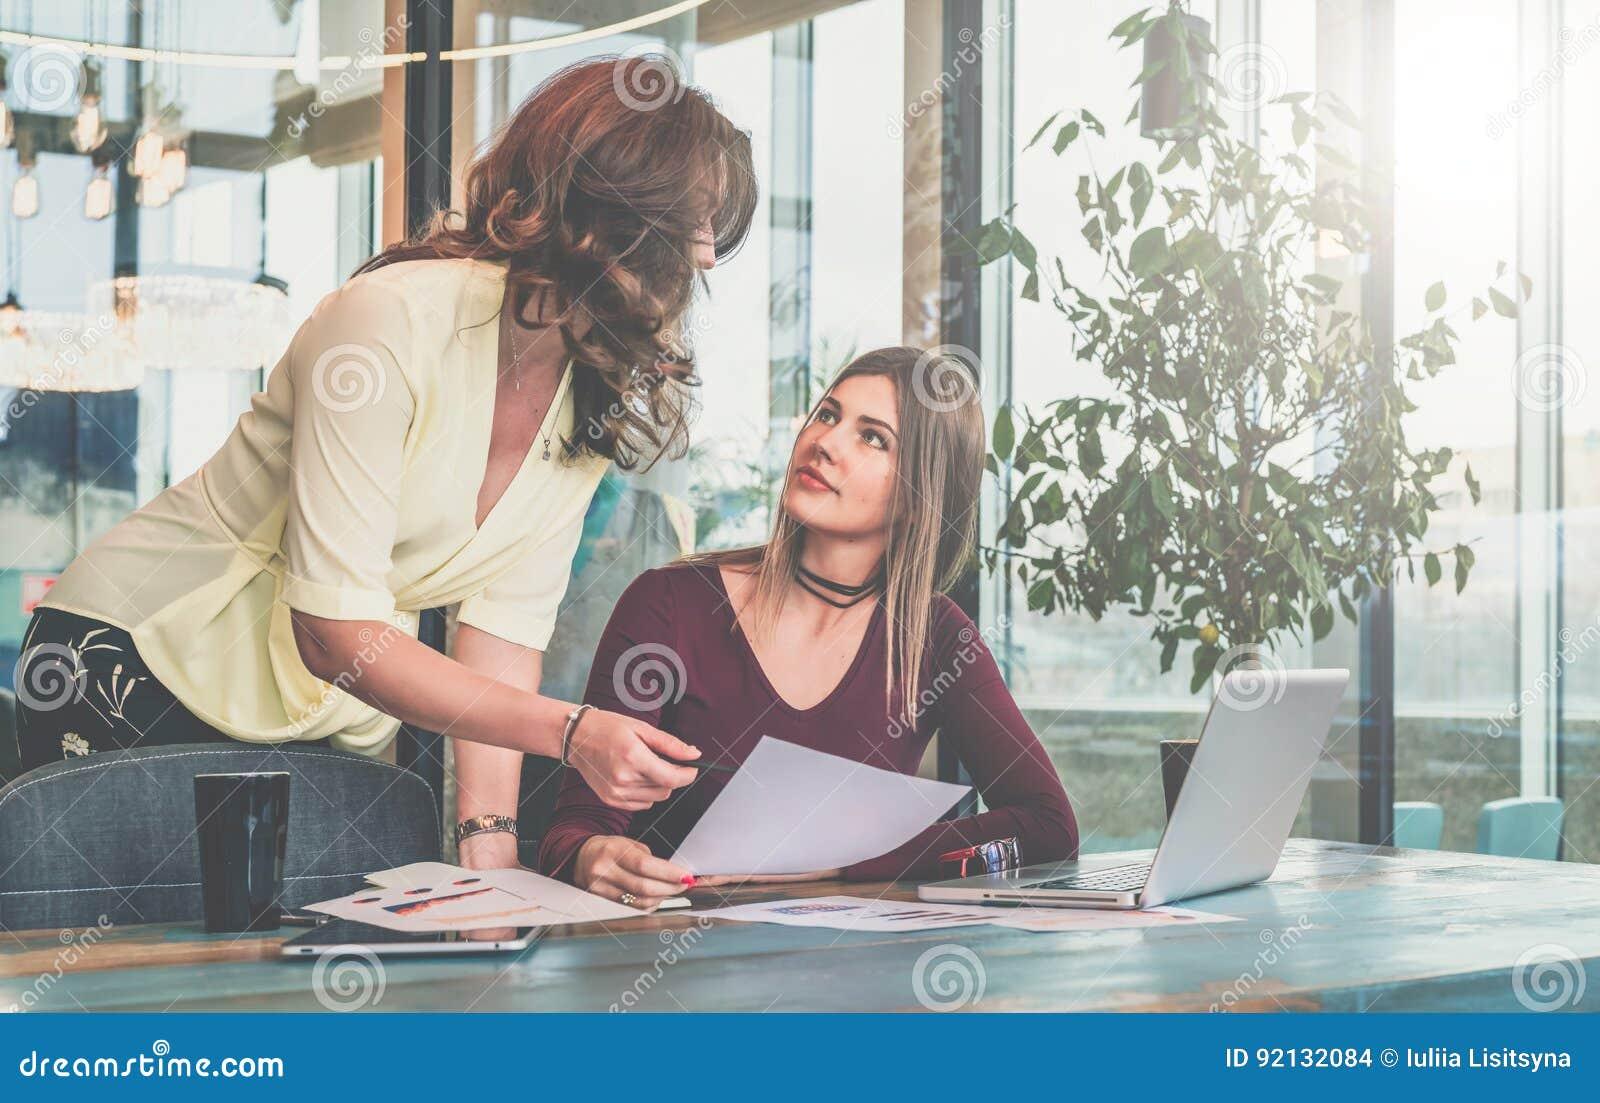 Kobieta siedzi w biurze przy stołem przed komputerem i chwytów dokumenty w jej ręce, po drugie stoją obok ona